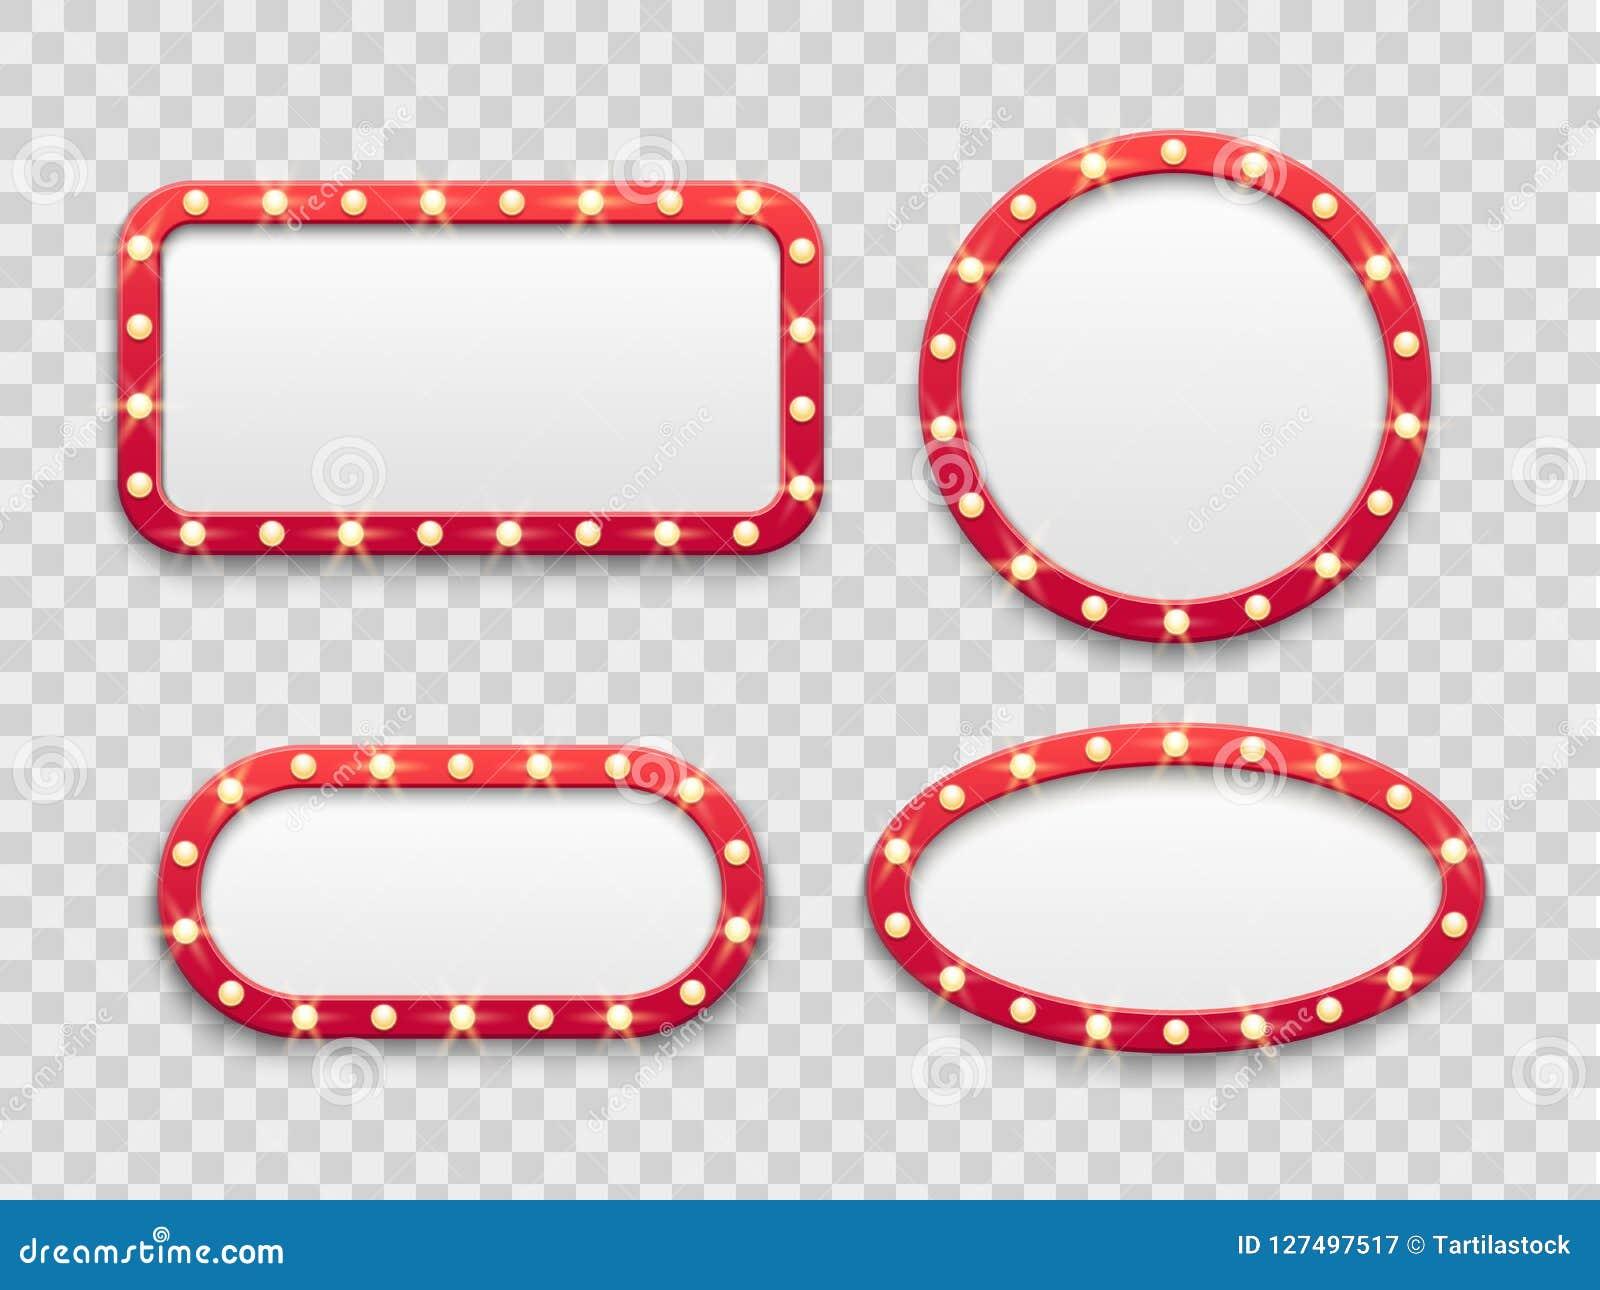 Рамки шатёр светлые Винтажный кругом и прямоугольные знаки кино и казино пустые красные с шариками Вектор изолировал комплект